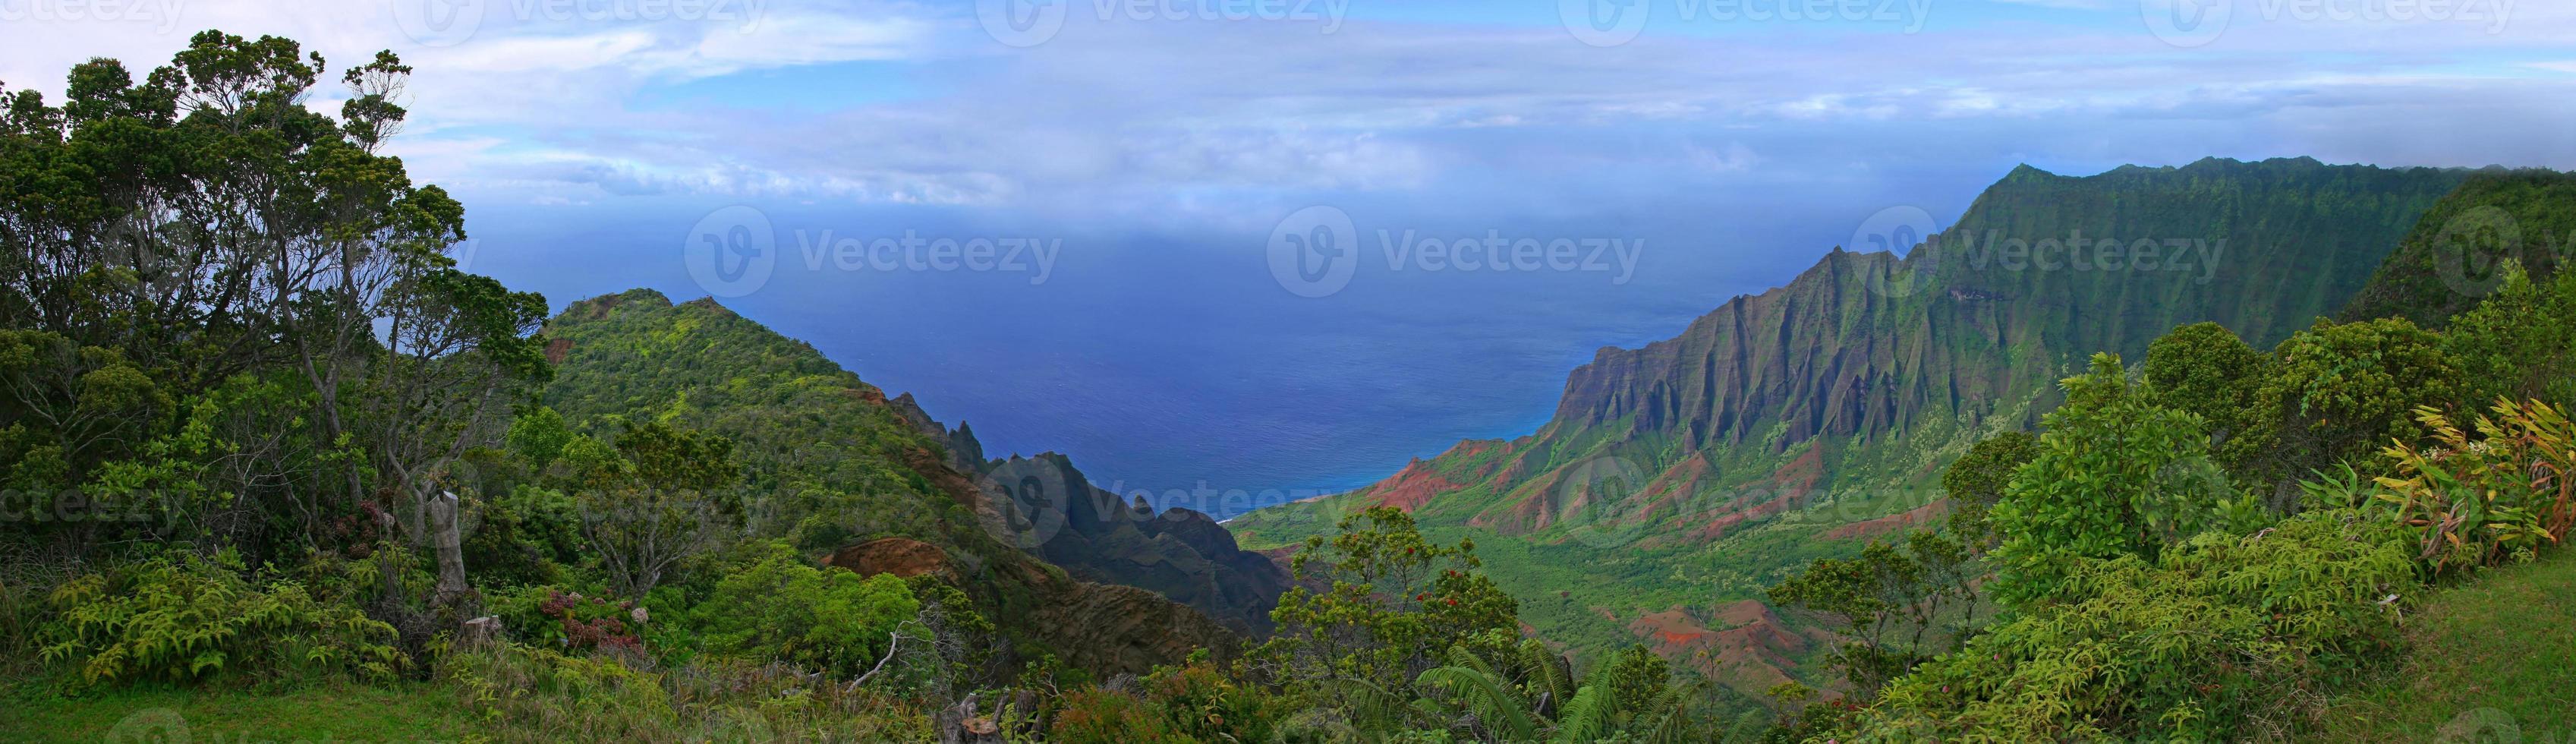 bellissima vista della costa di kauai alle hawaii foto